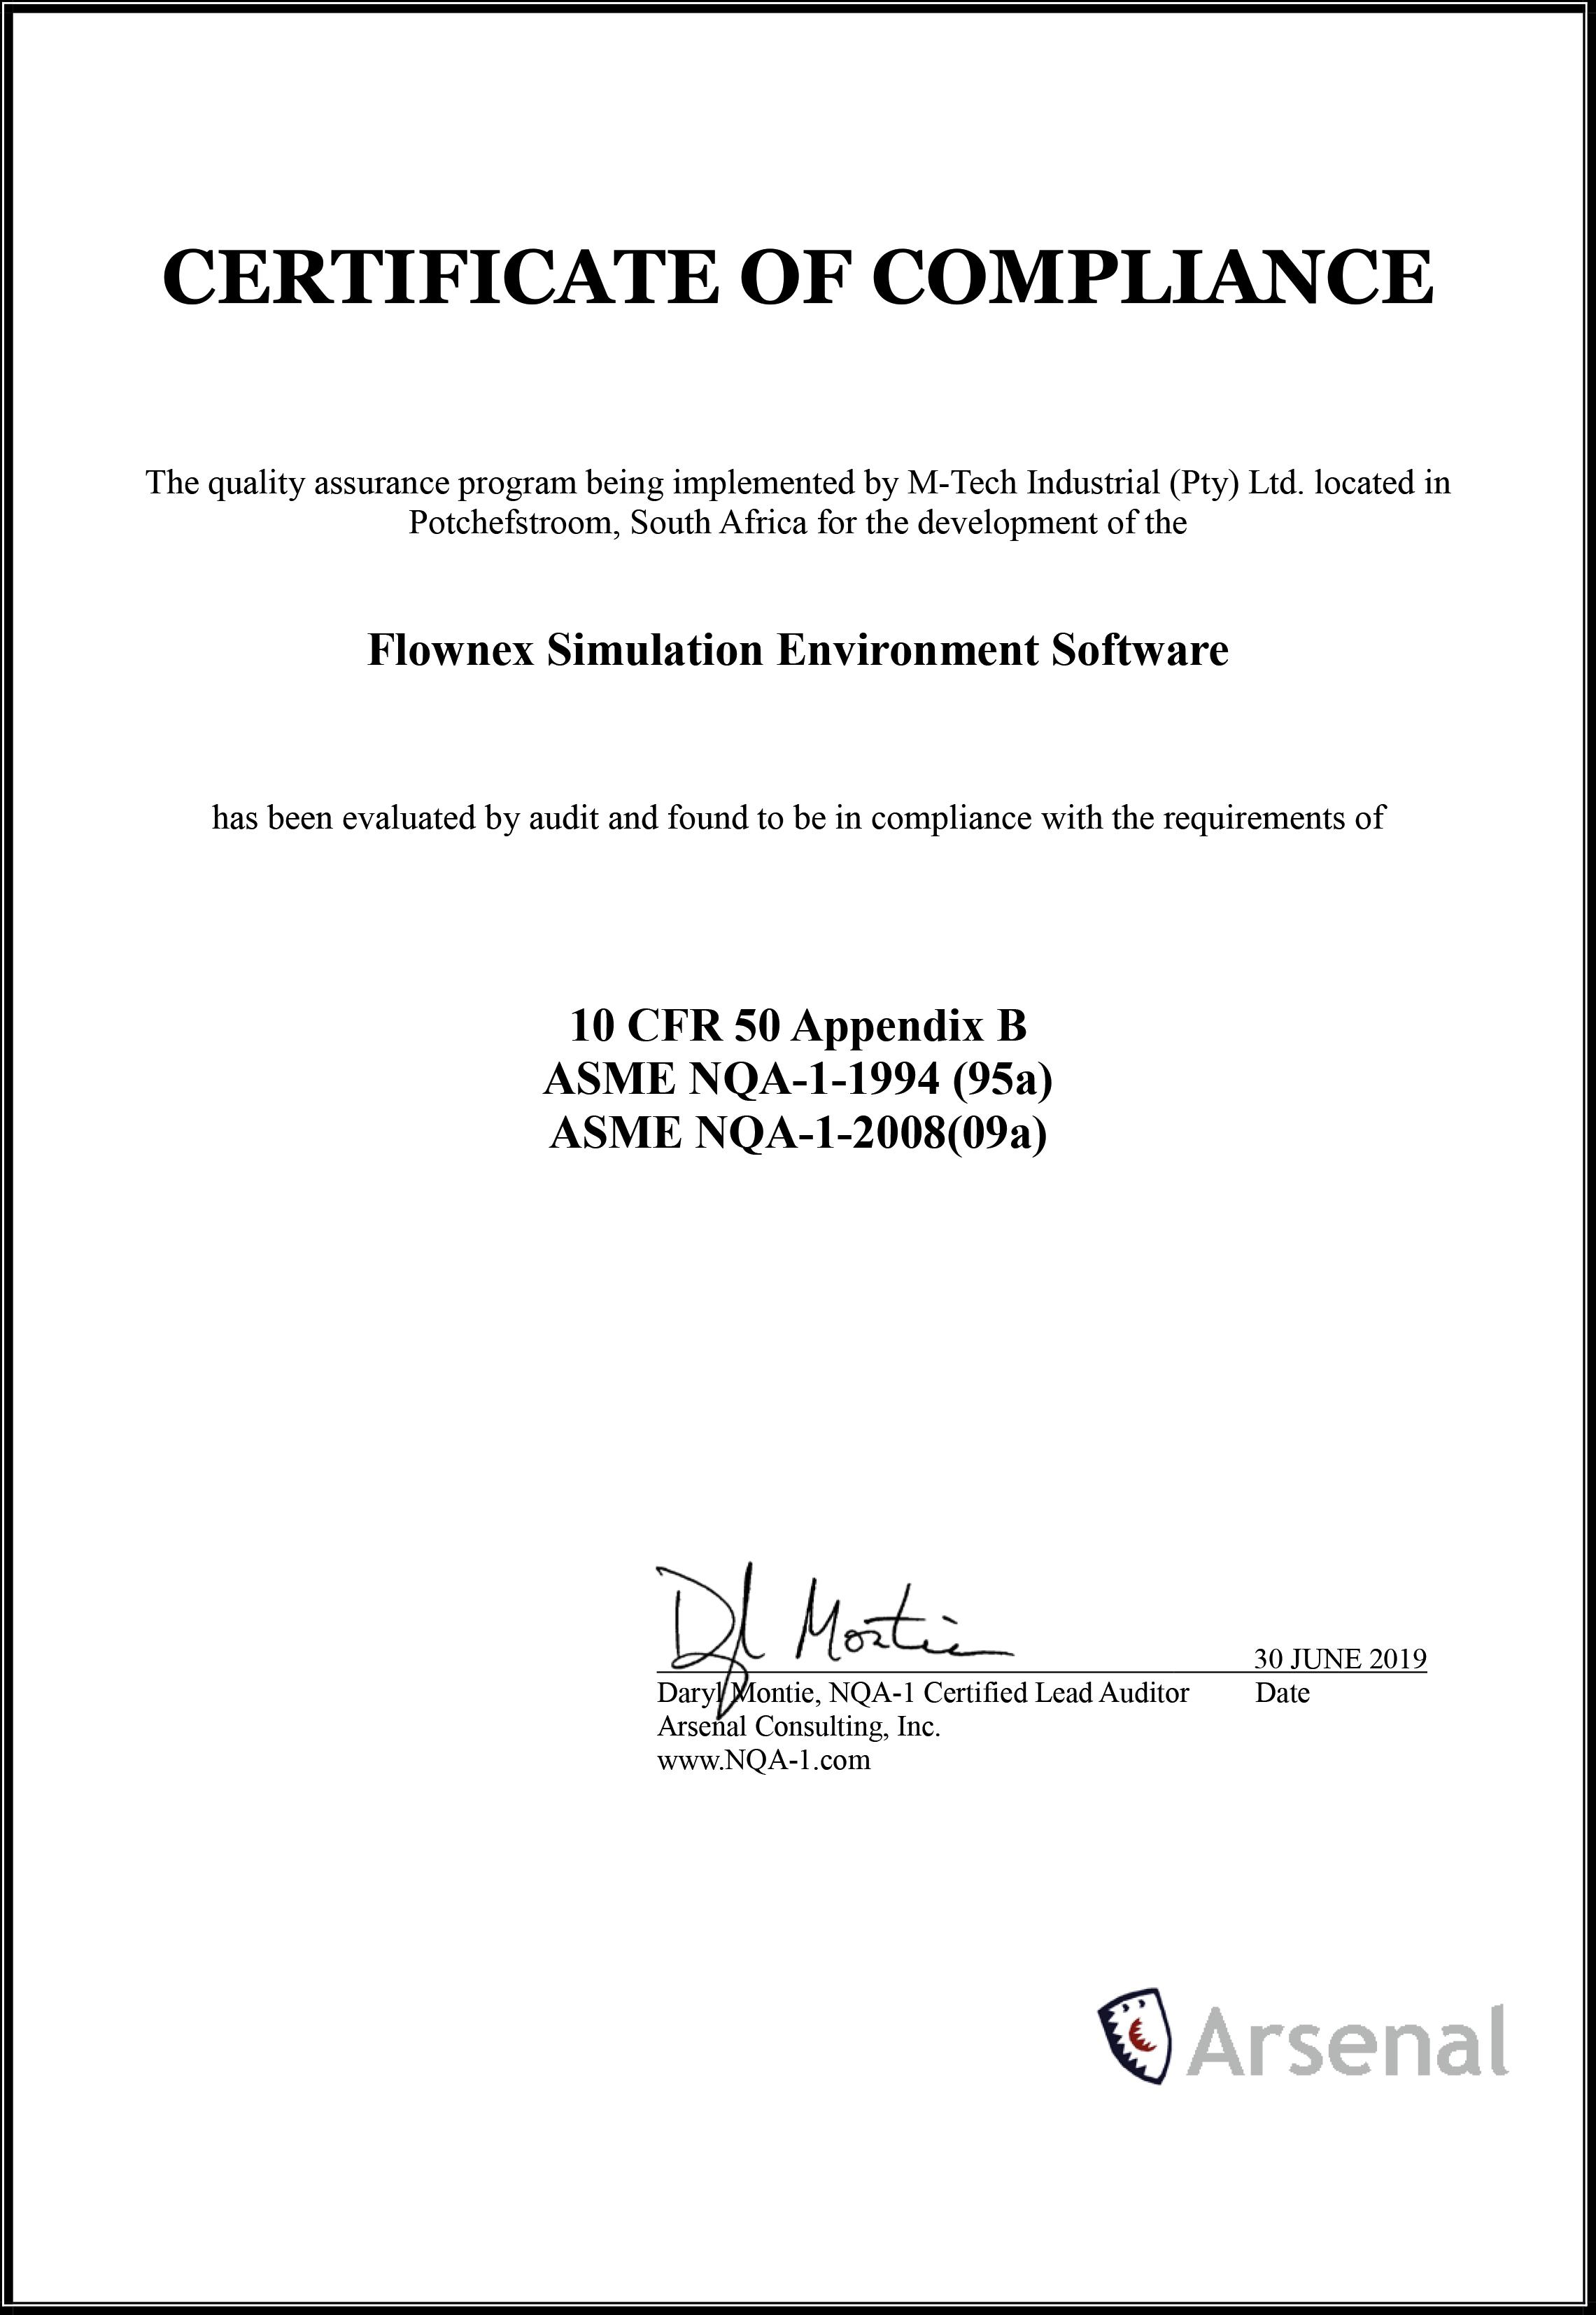 Flownex®SE: zertifiziert gemäß Qualitätsstandards ASME NQA-1 und ISO 9001